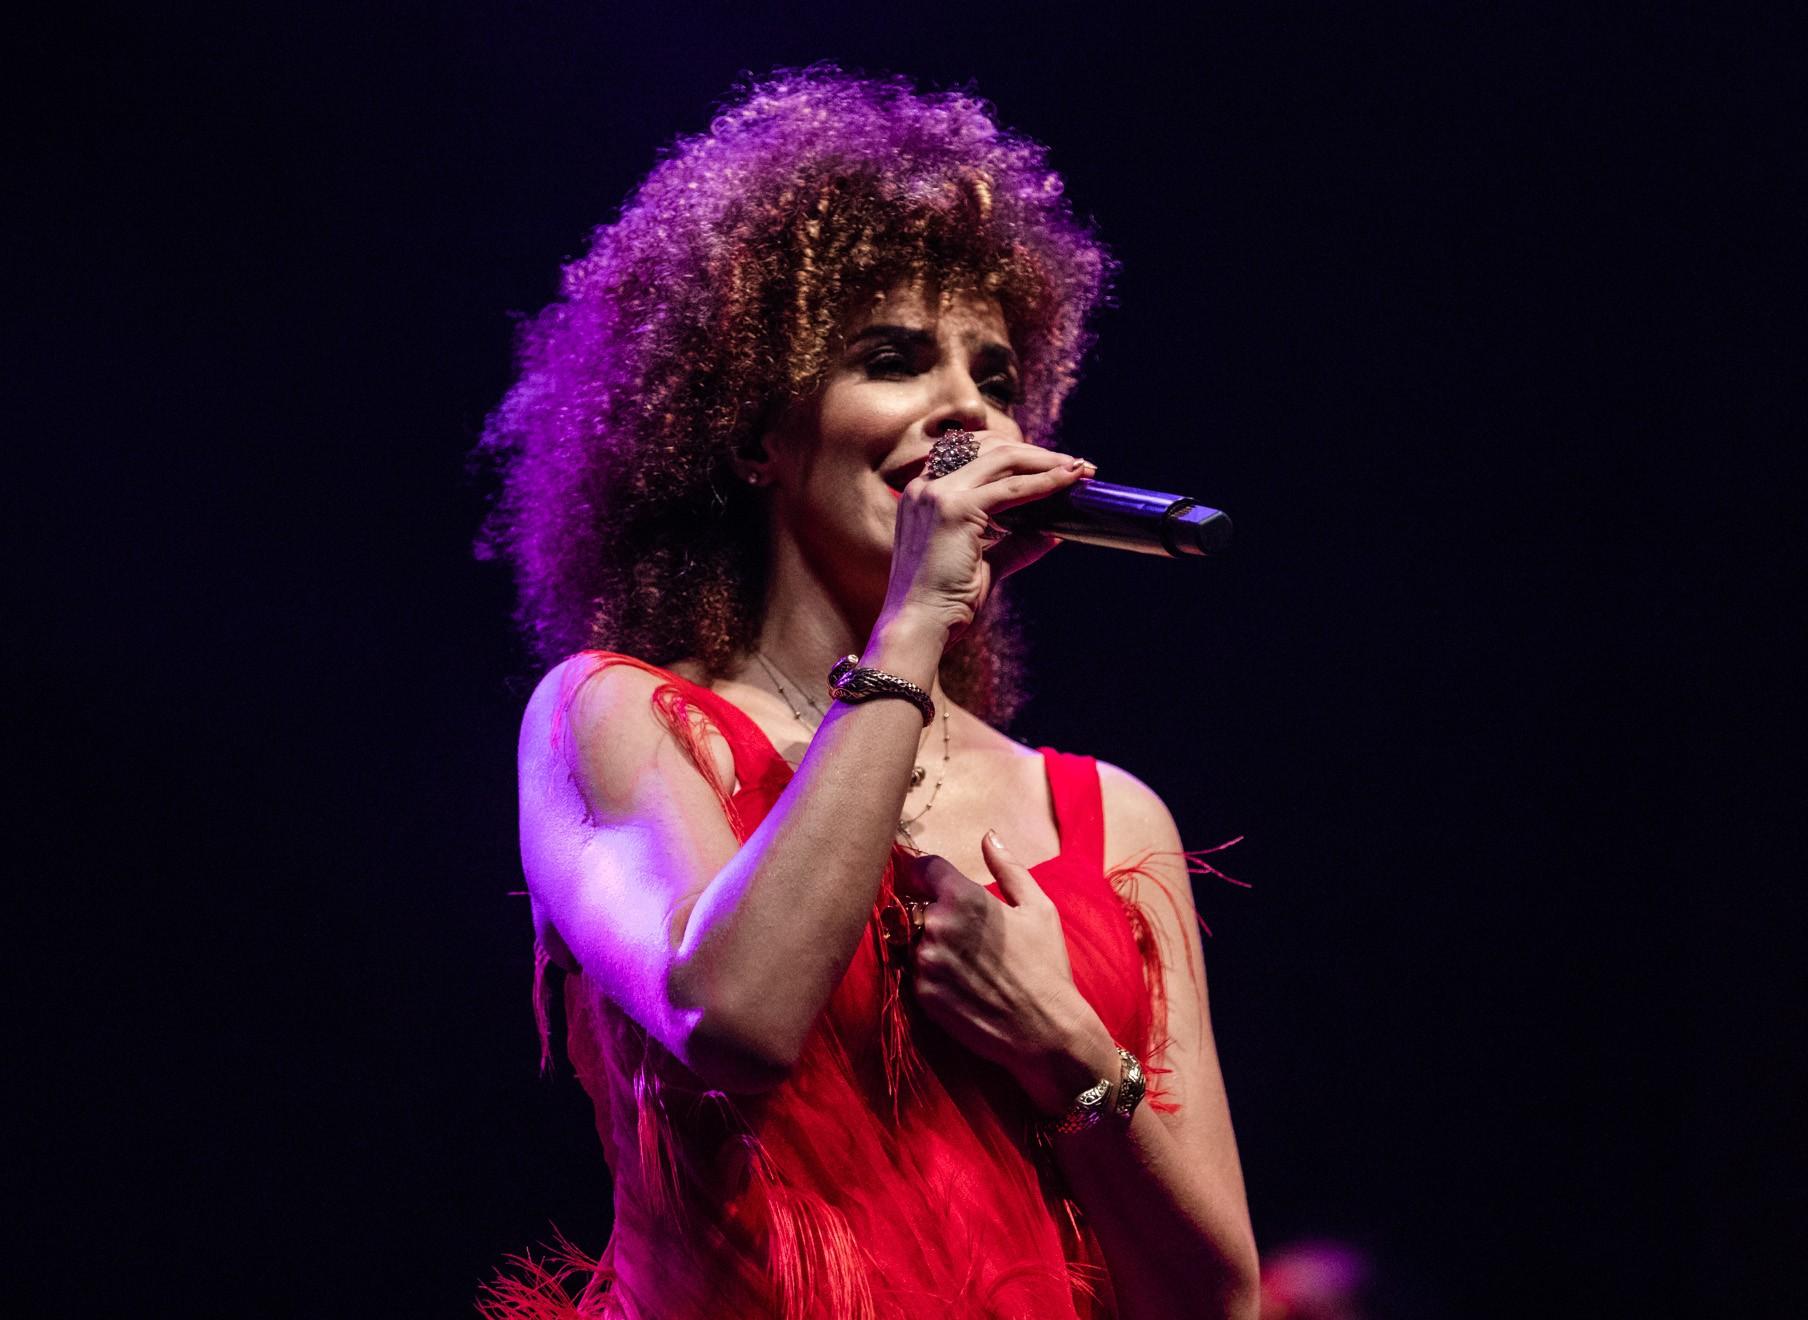 Vanessa da Mata refaz 'Boa reza' no último single duplo com números de show gravado no Rio